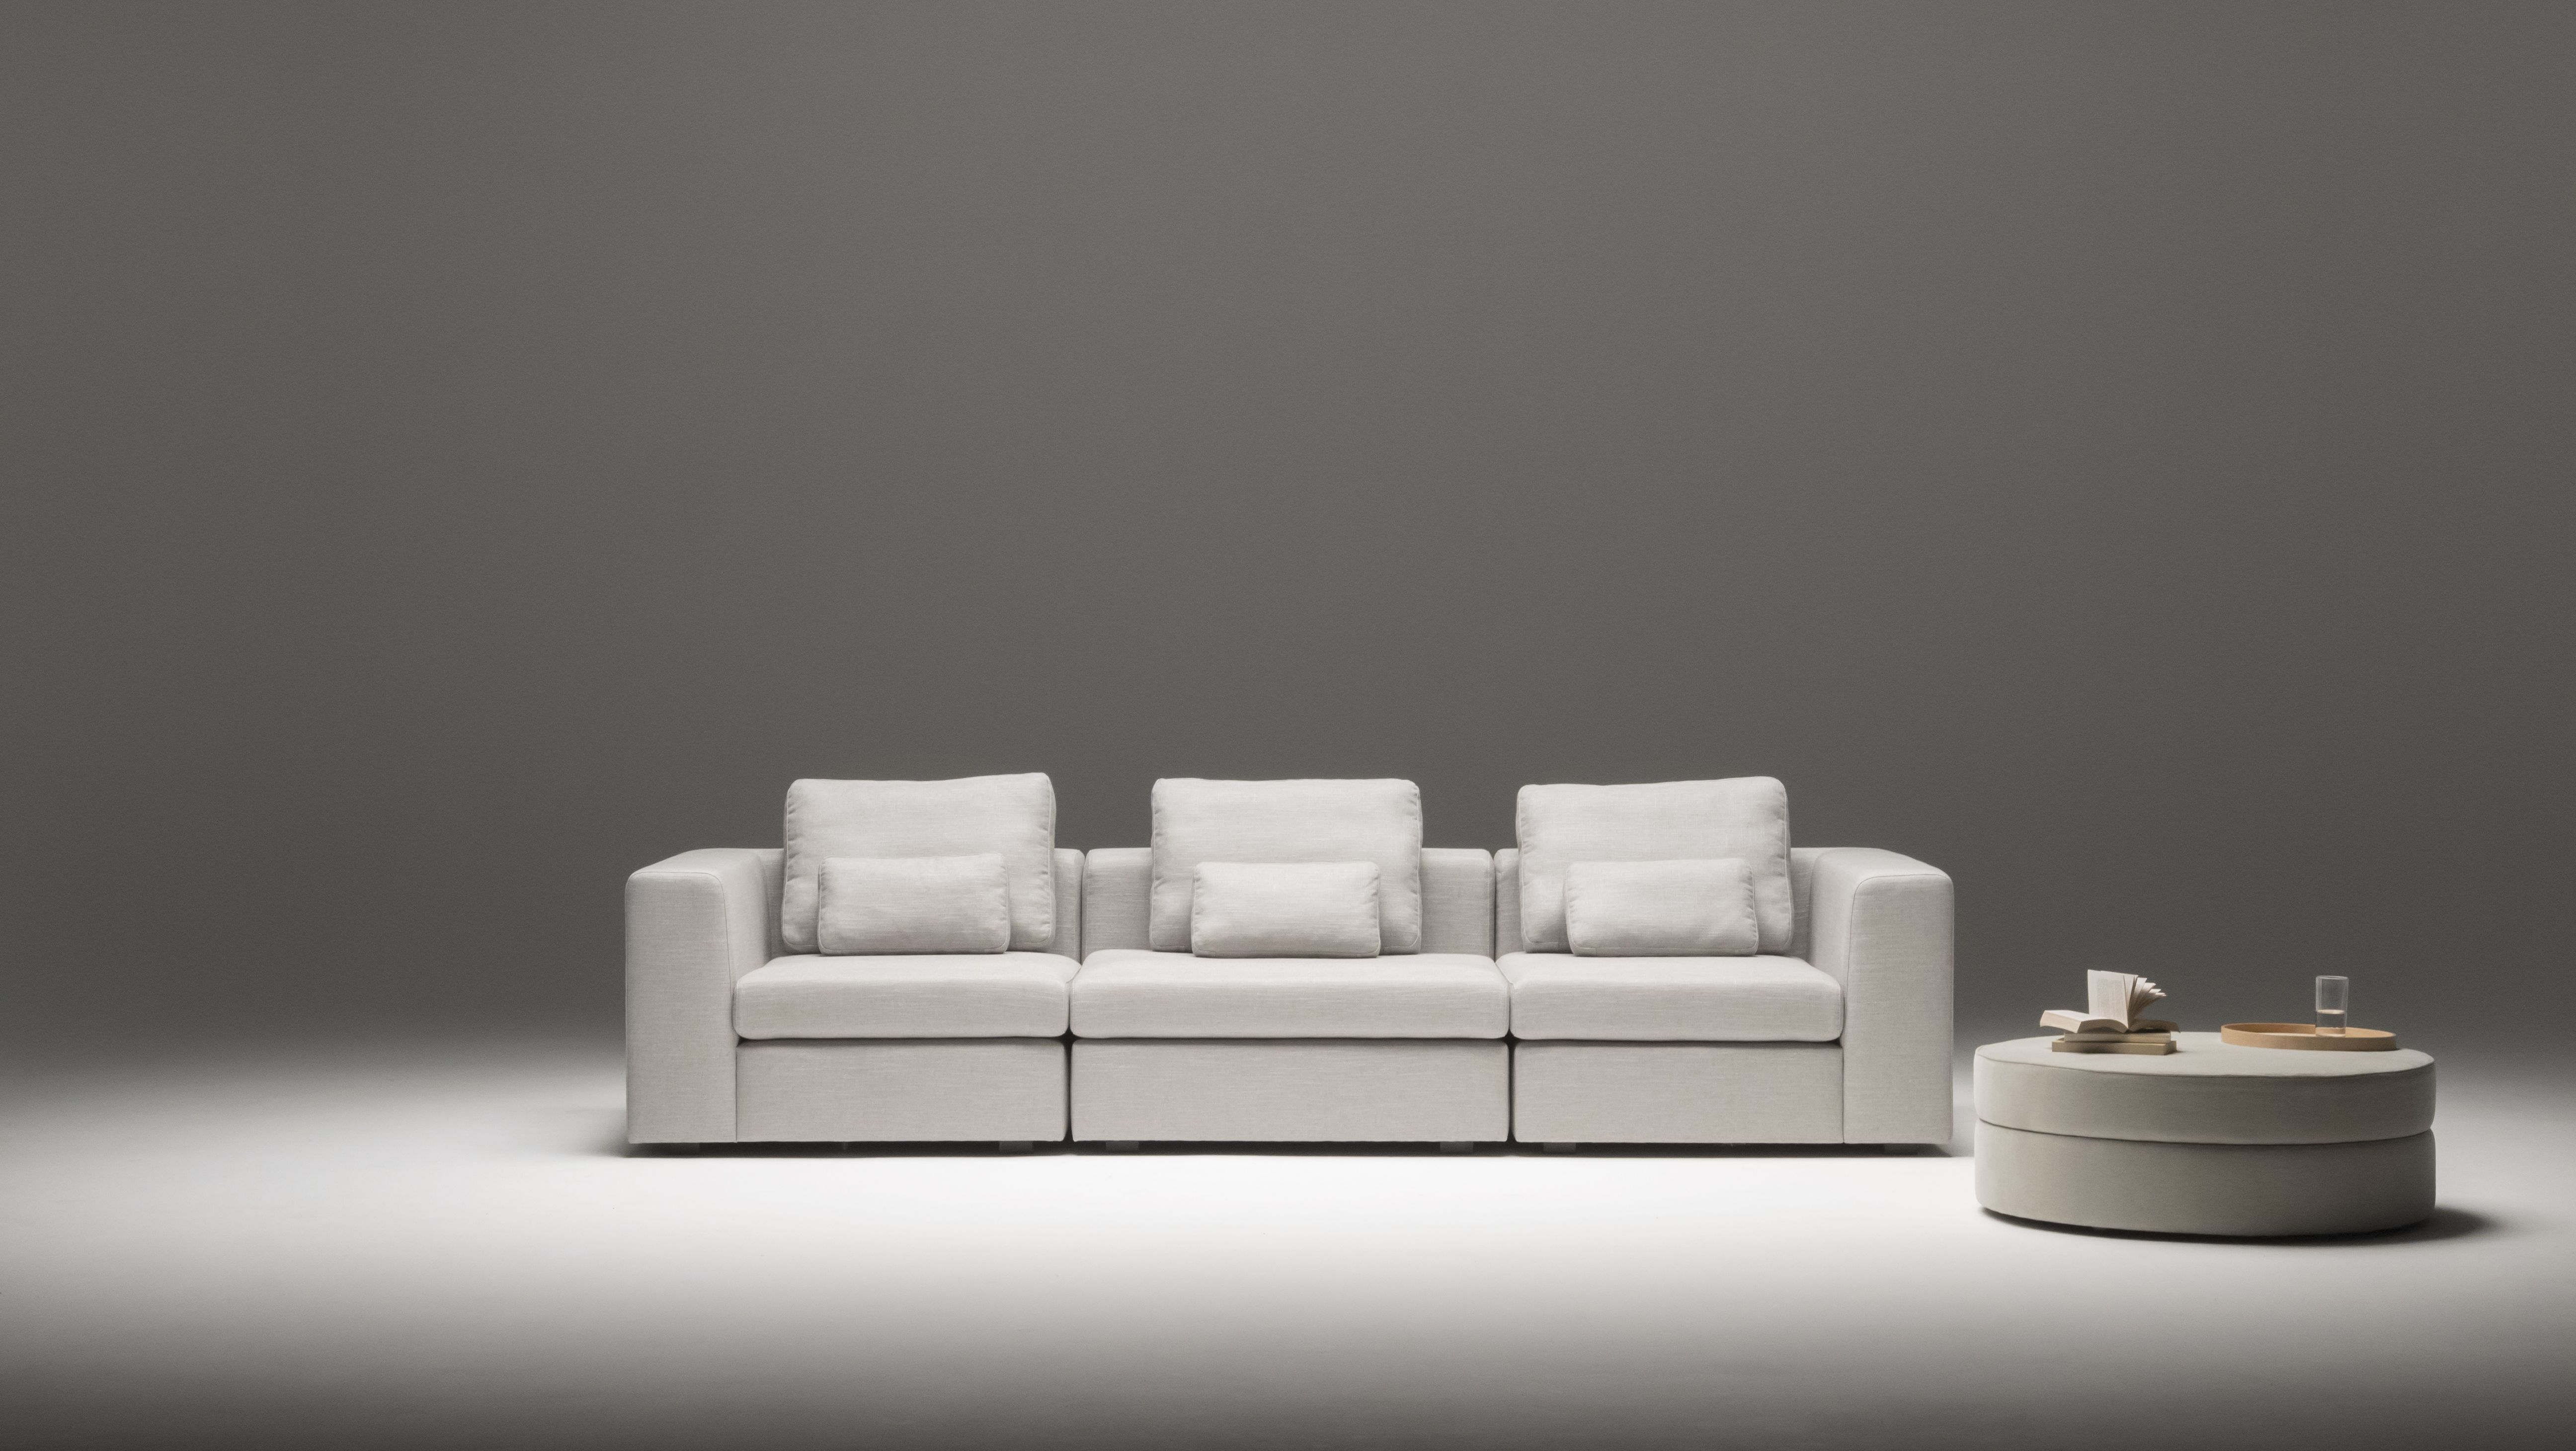 Modernes 3 Sitzer Modulsofa Von Sitzfeldt In Grauem Qualitatsstoff Und Mit Dem Dazu Passenden Hocker Design Sofa Wohnzimmer Coffee Table Sofa Couch